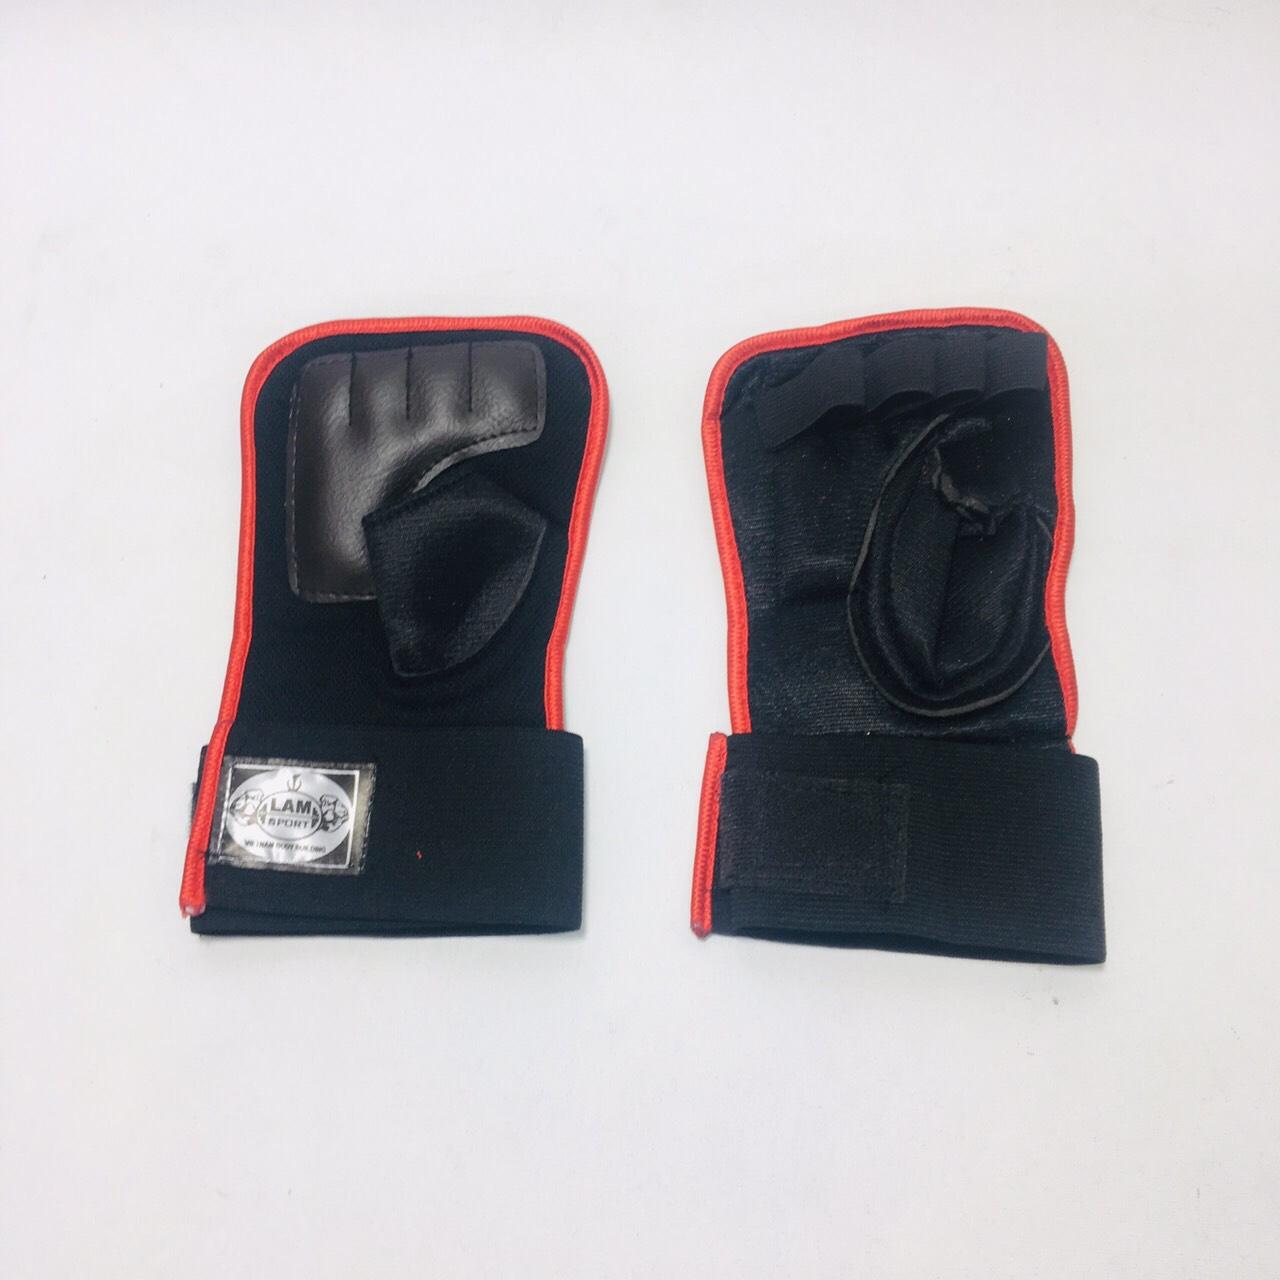 Găng tay tập gym màu đen viền đỏ